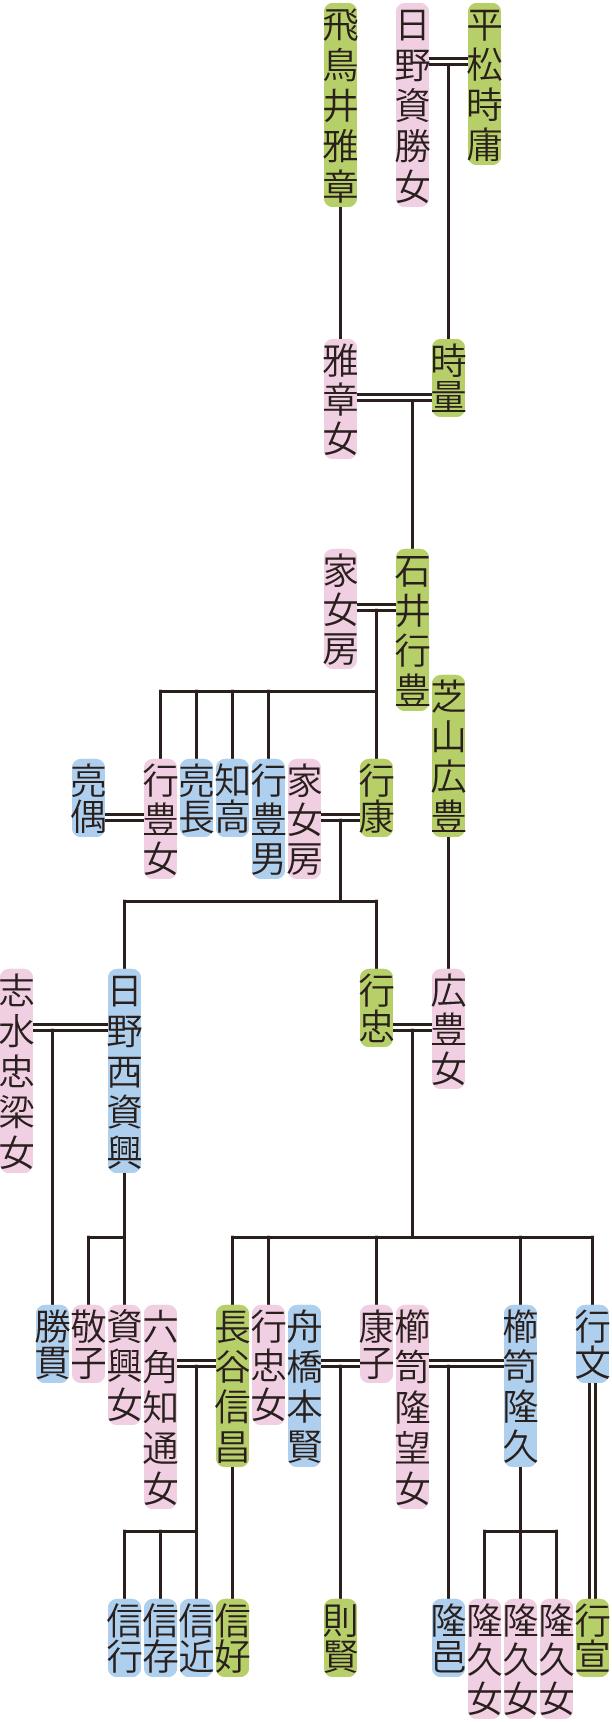 石井行豊~行忠の系図